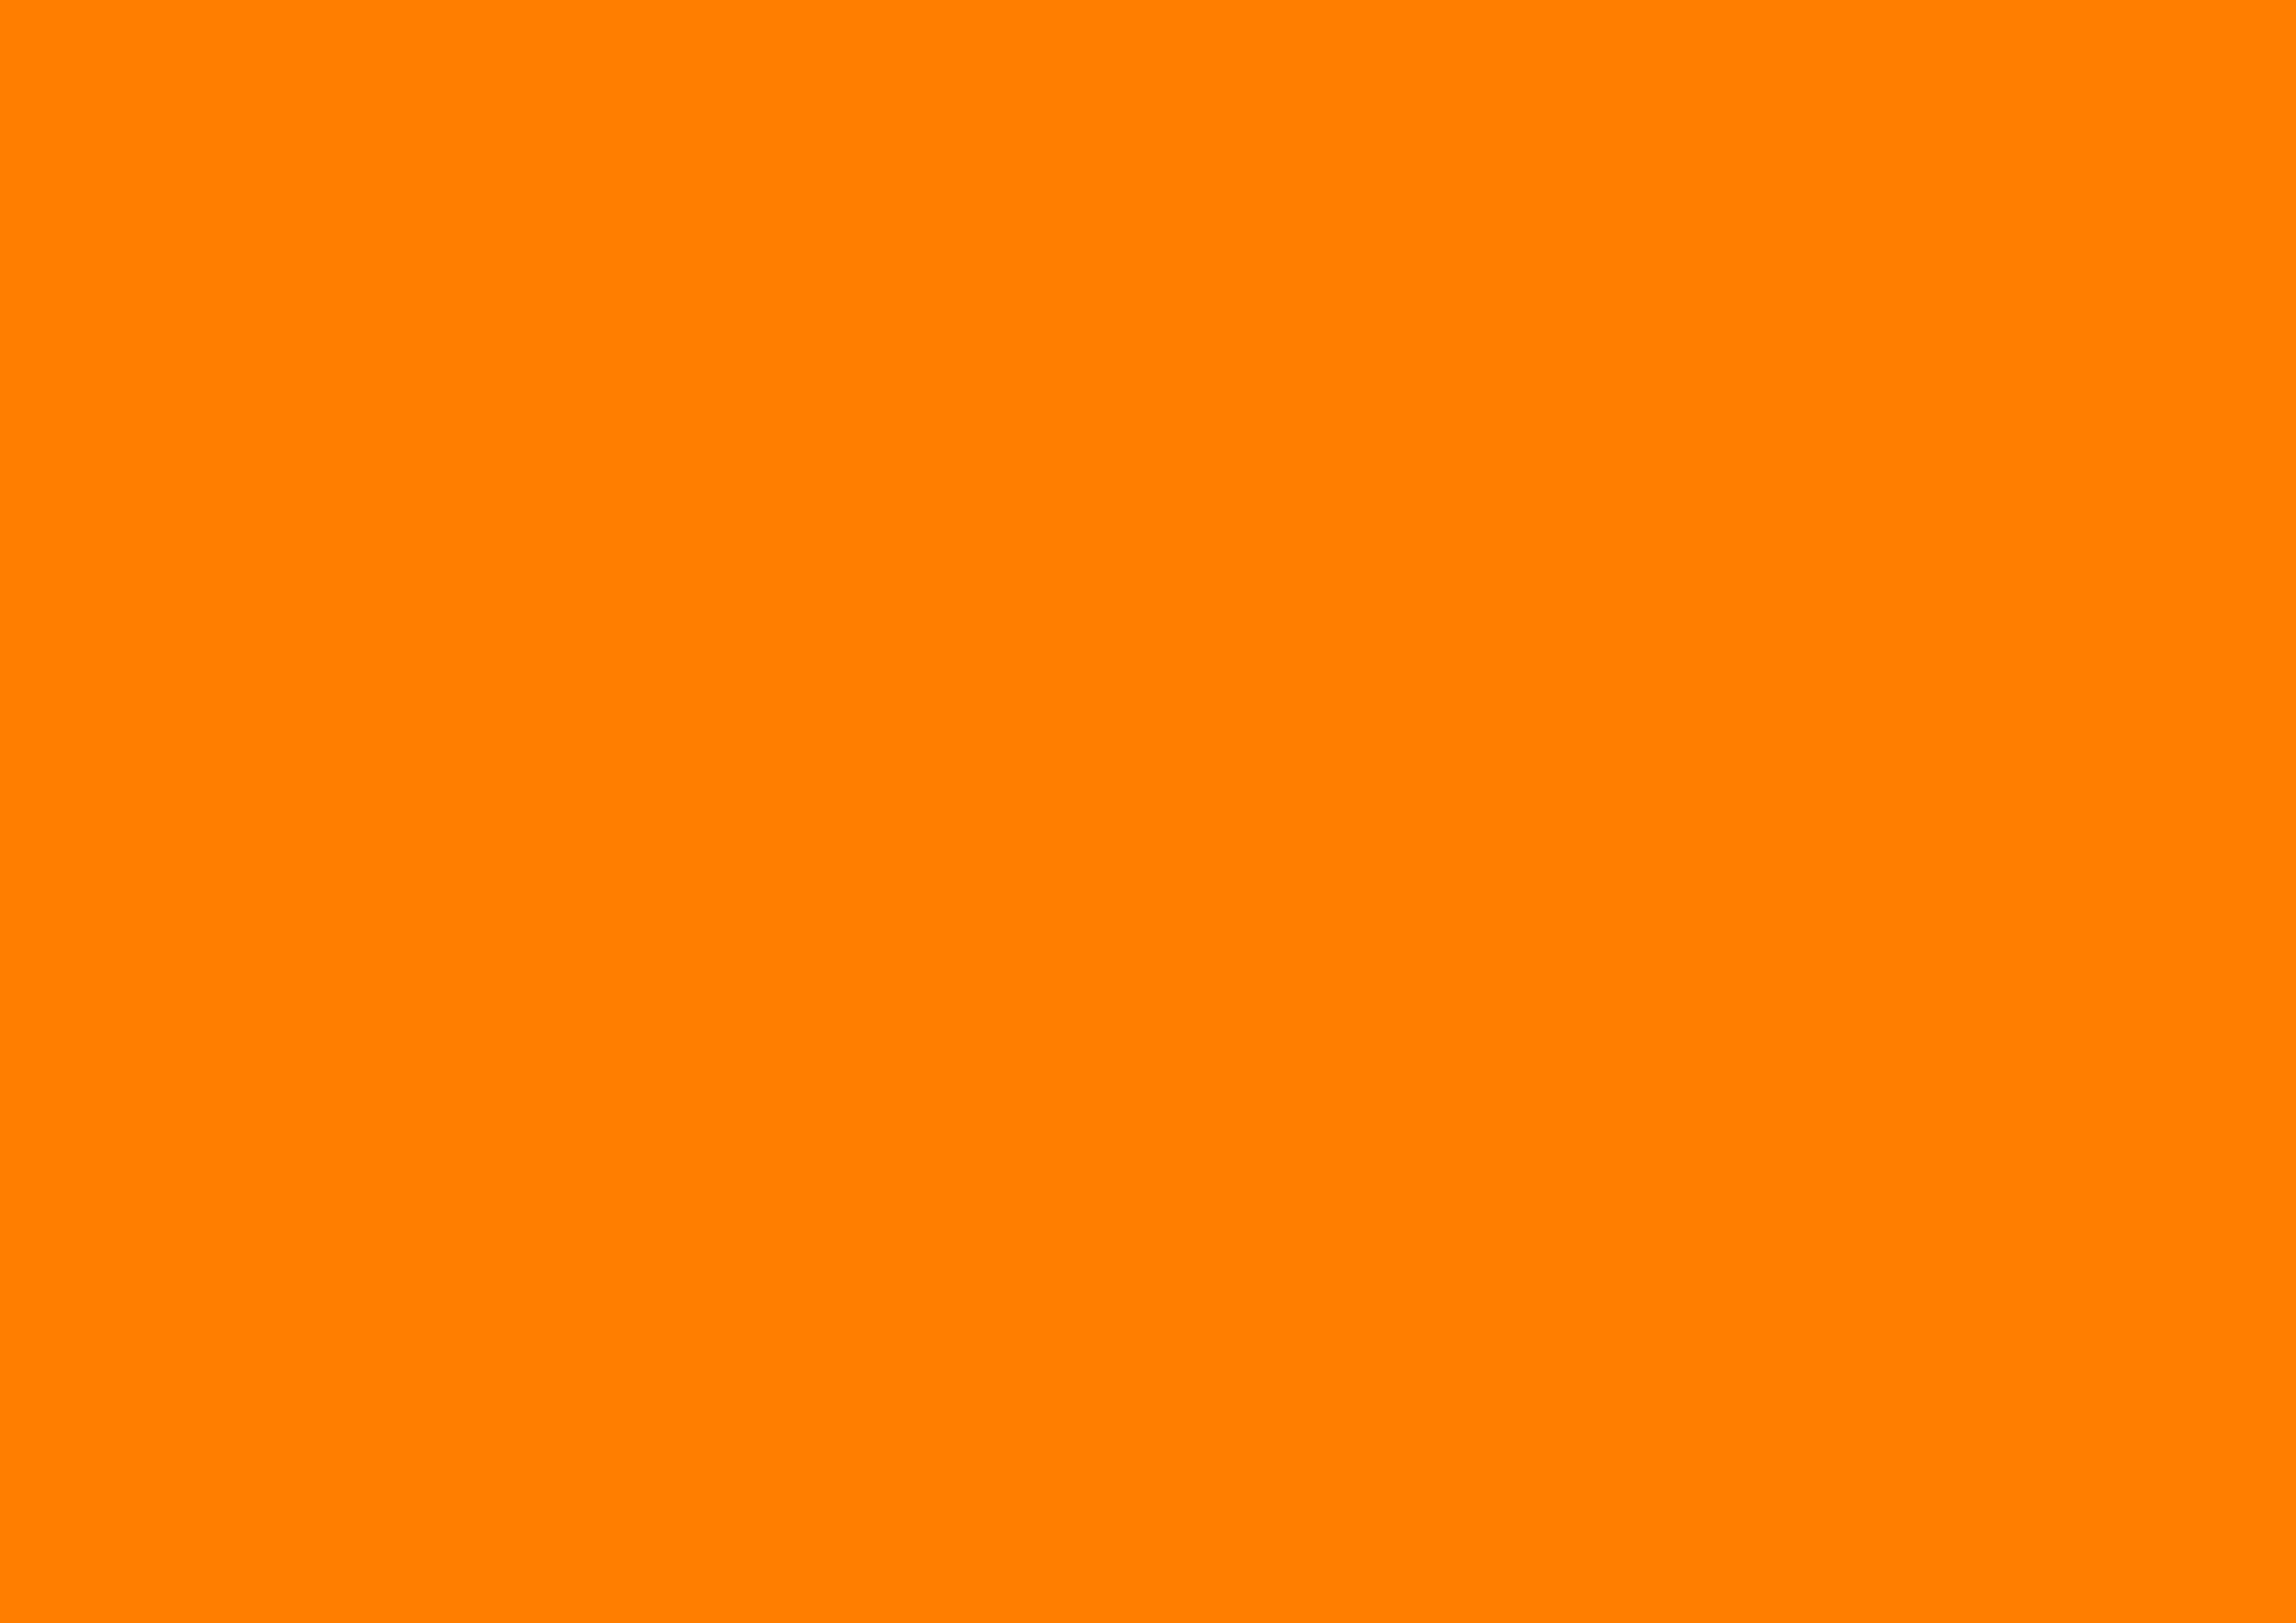 3508x2480 Amber Orange Solid Color Background